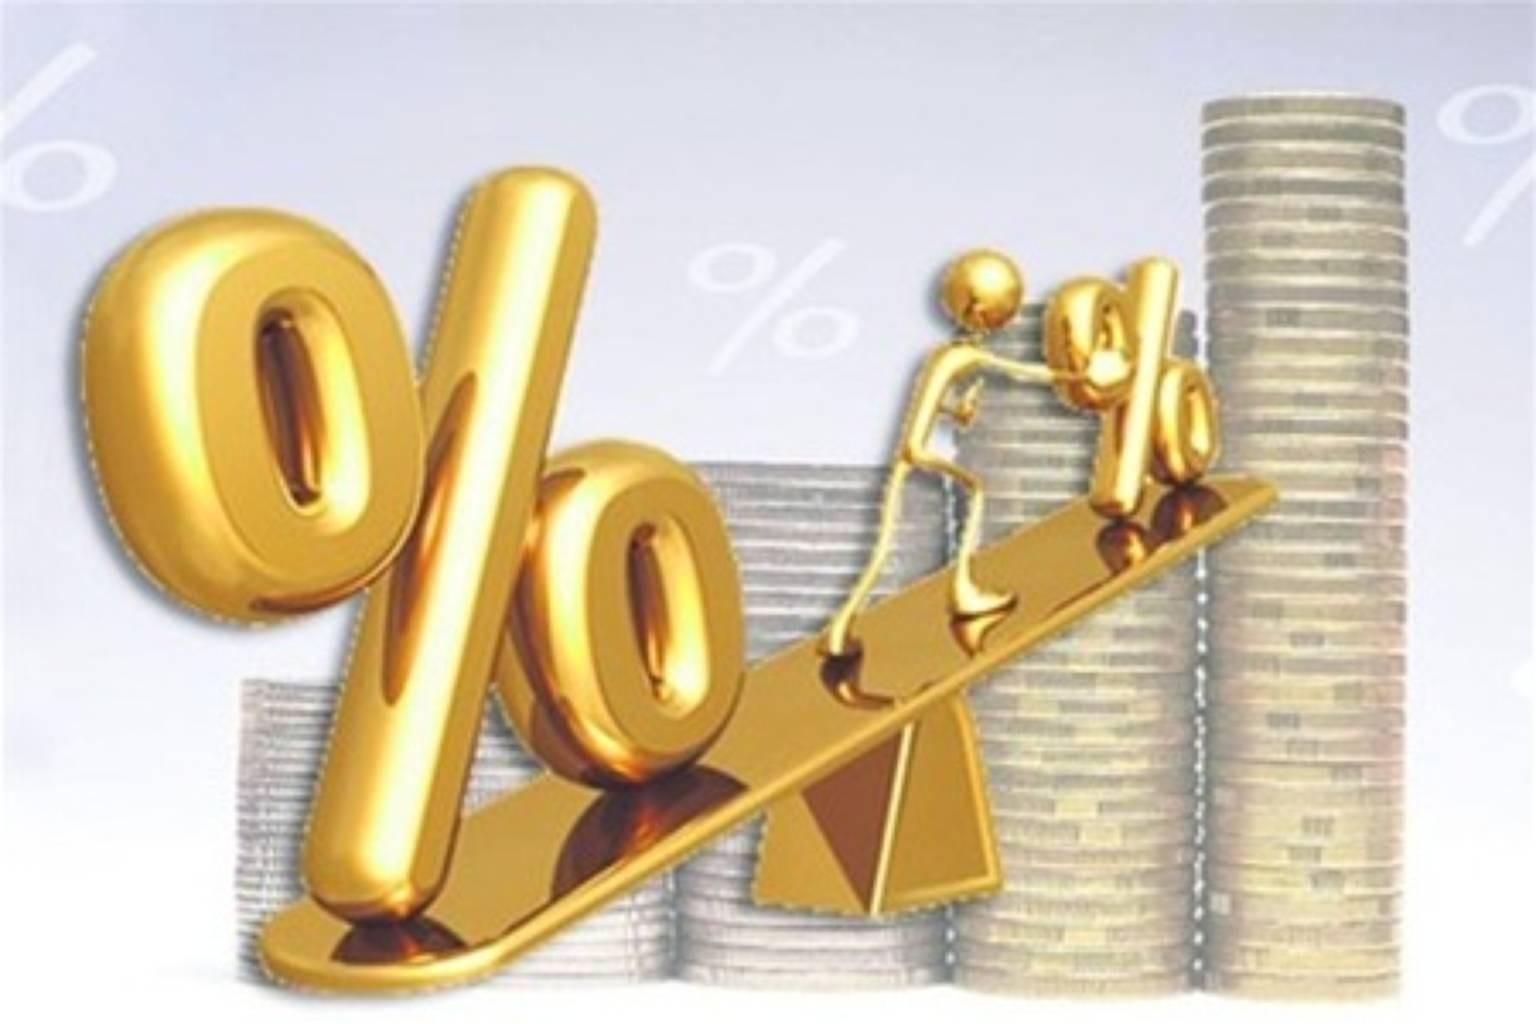 Инфляционные ожидания граждан России вконце осени снизились доисторического минимума